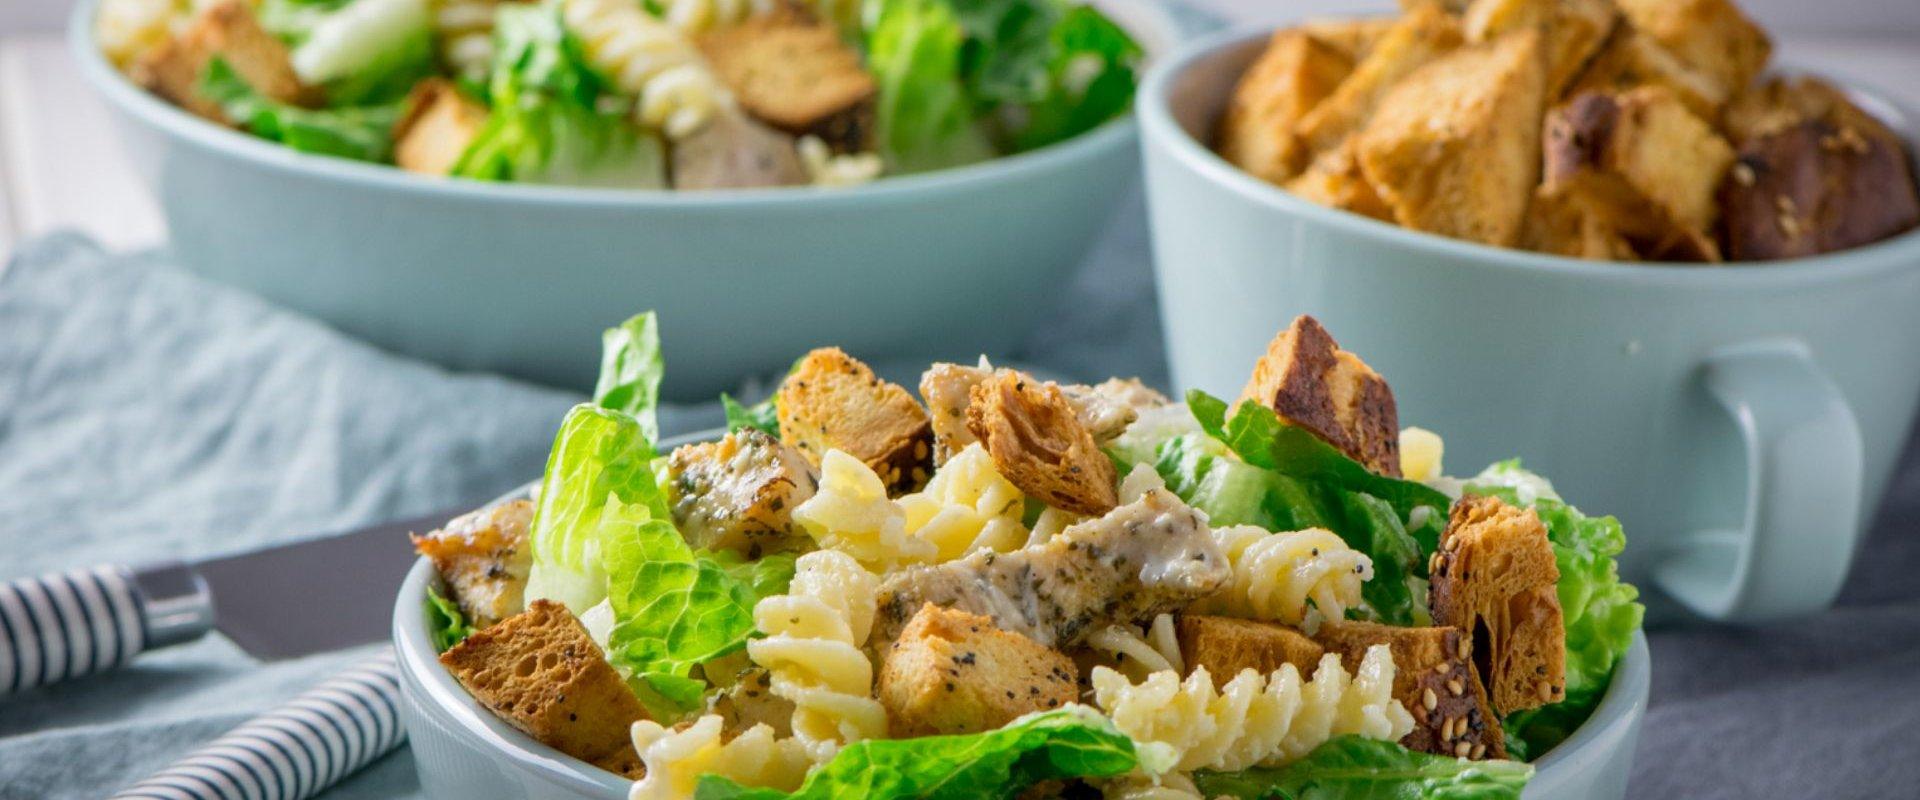 Der Caesar Pasta Salat ist perfekt als Mittag- oder Abendessen, aber natürlich auch eine super leckere Grillbeilage.